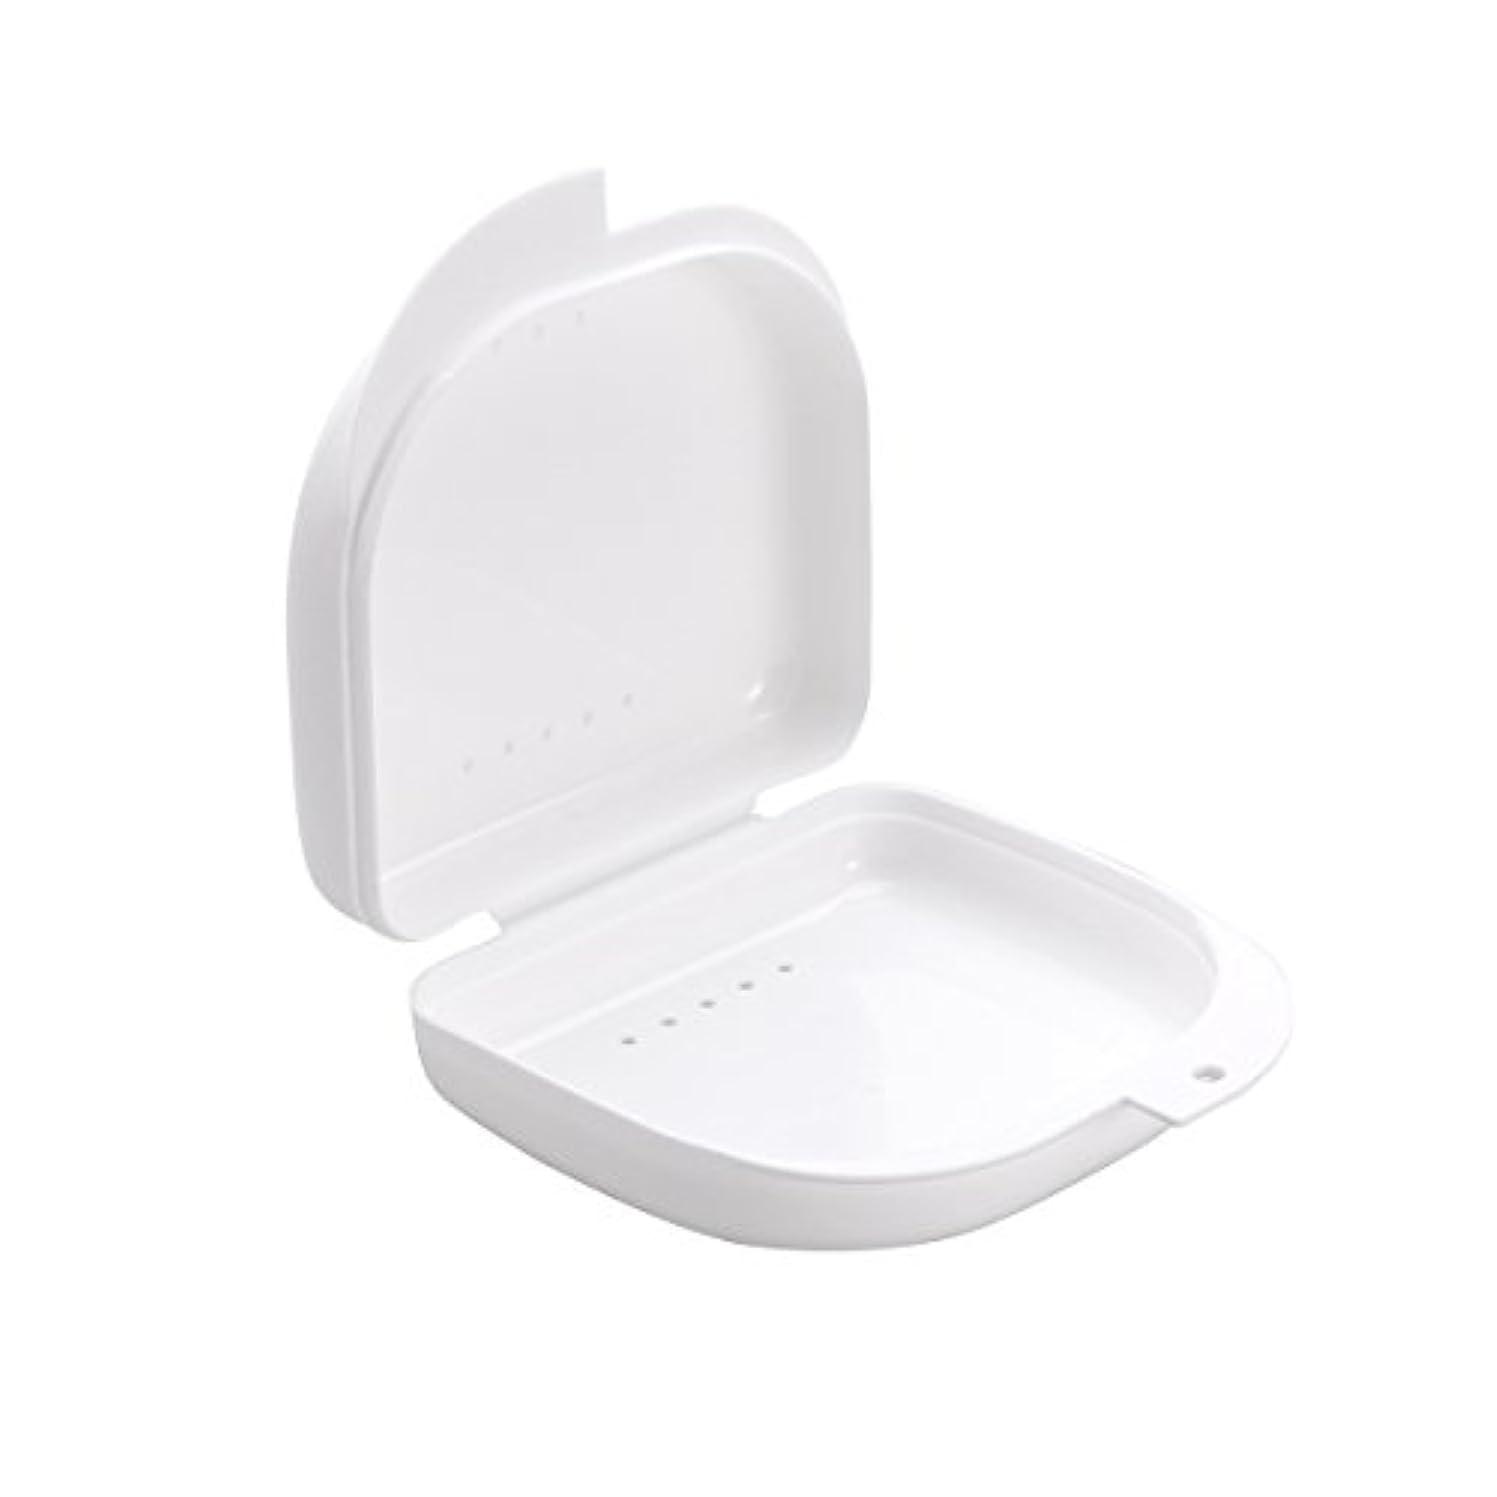 Frcolor 義歯ケース 入れ歯ケース 義歯ボックス 入れ歯収納 義歯収納容器 リテーナーボックス 旅行携帯用 コンパクト 軽量 1個(ホワイト)